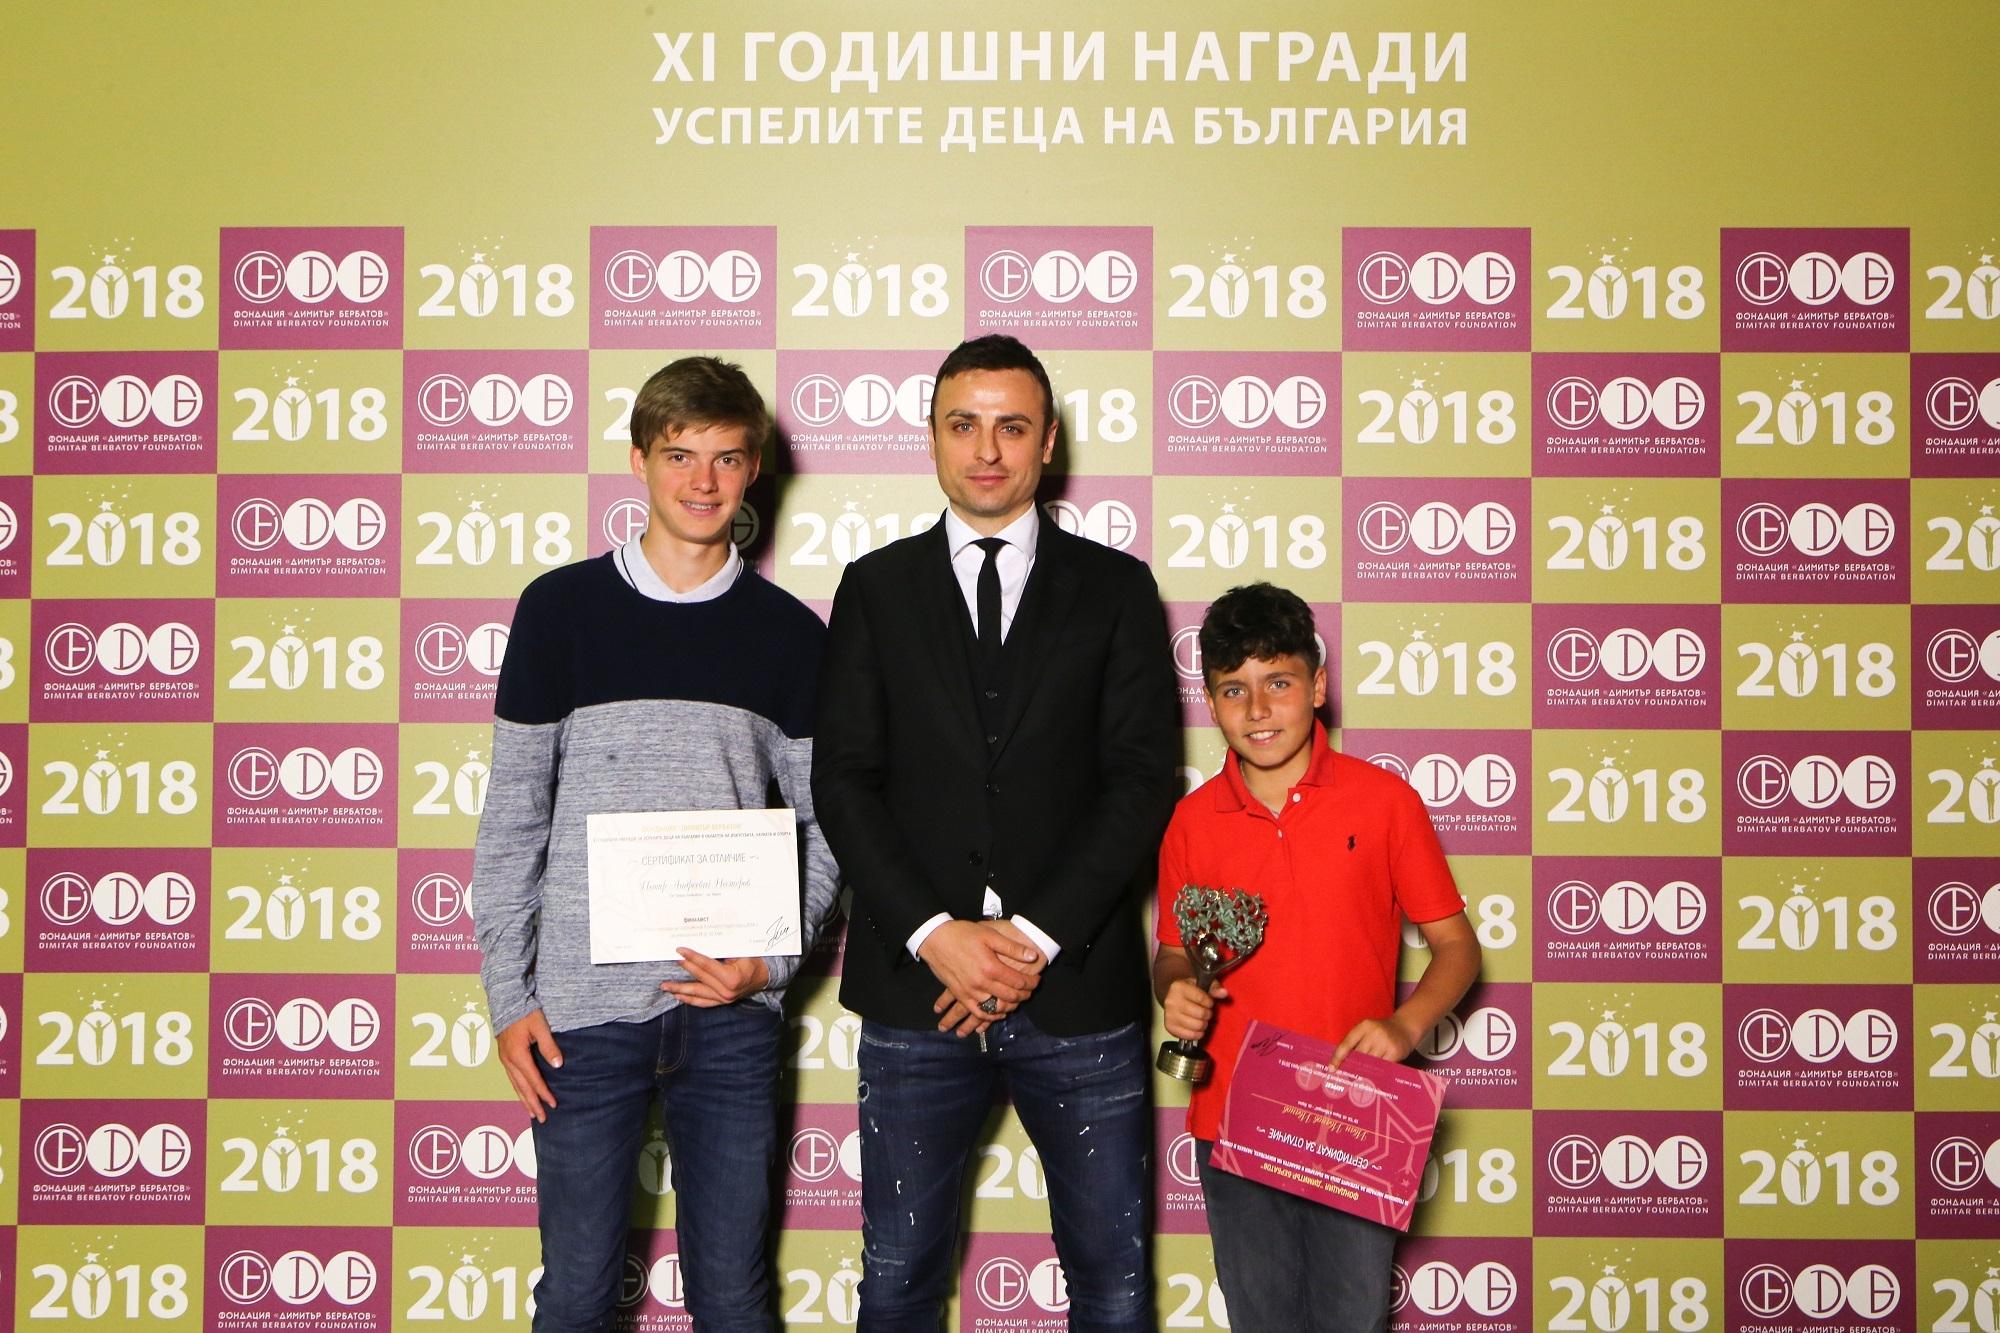 Трима големи тенис таланти бяха отличени от фондация